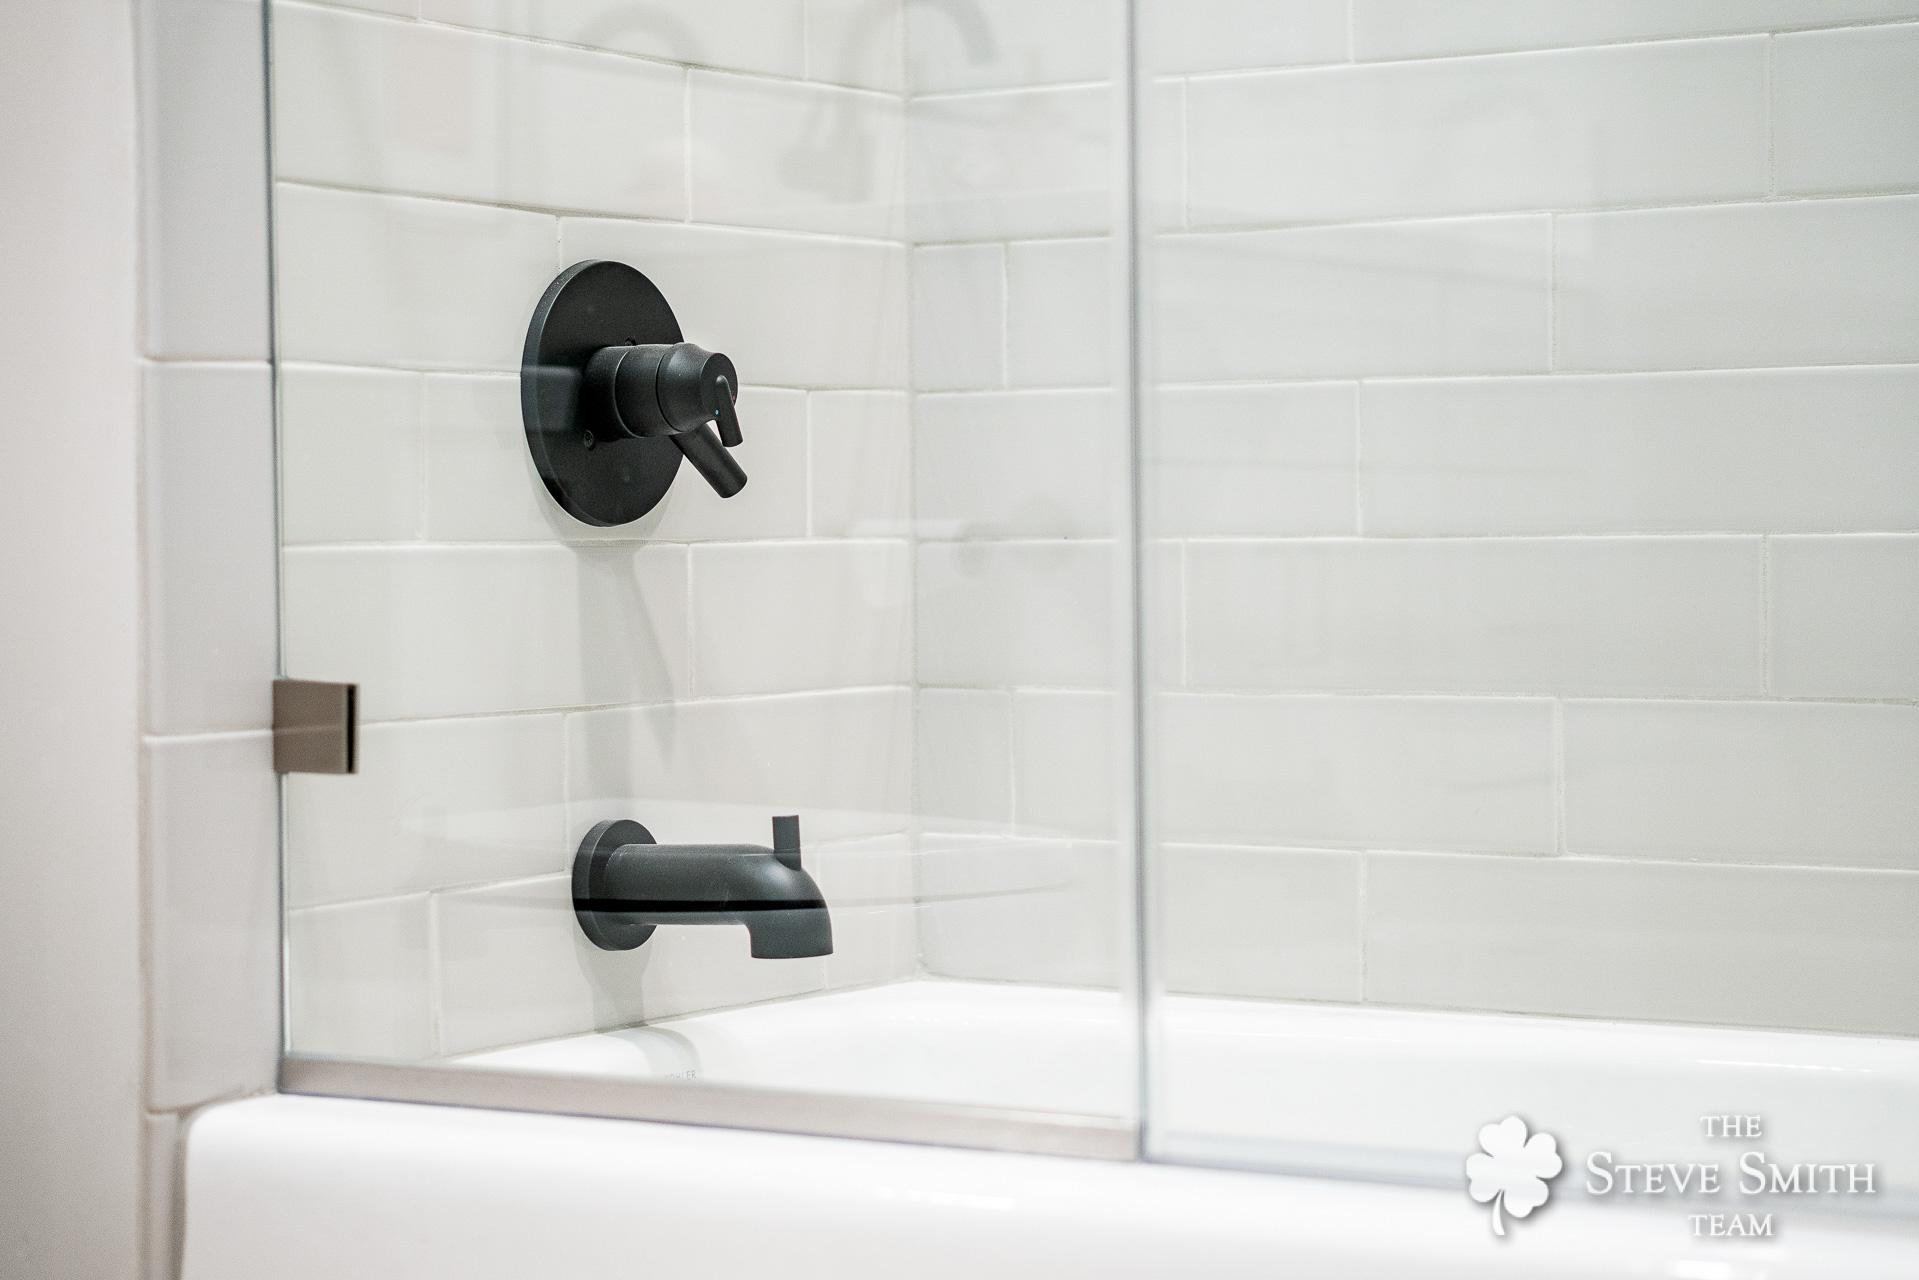 30 Bath2 3.jpg